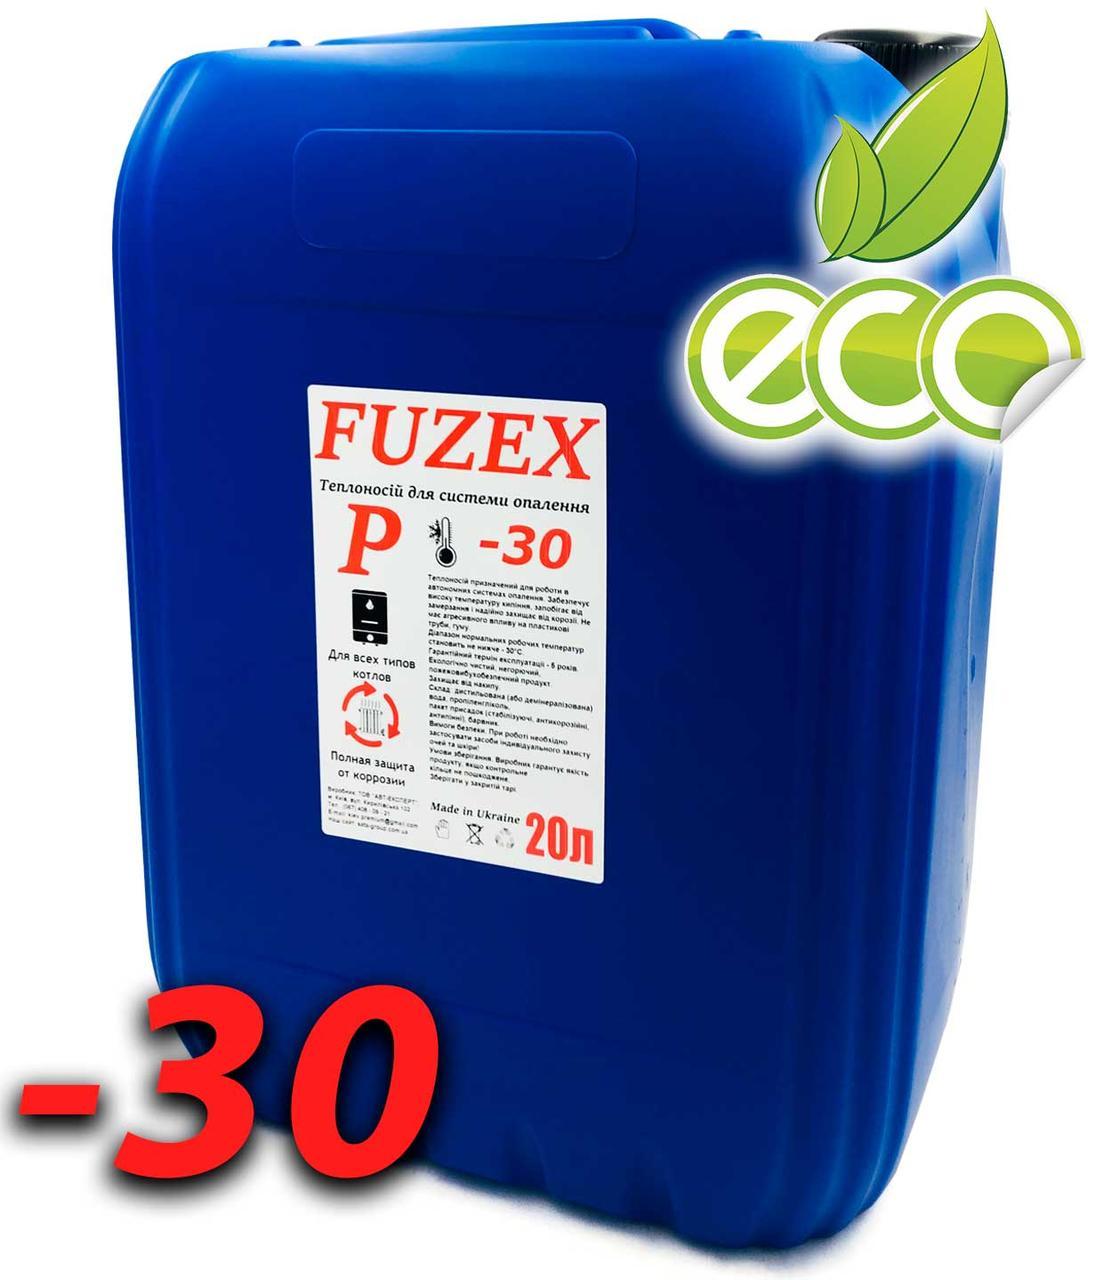 Теплоносій для системи опалення FuzeX P - 30 (пропіленгліколь)